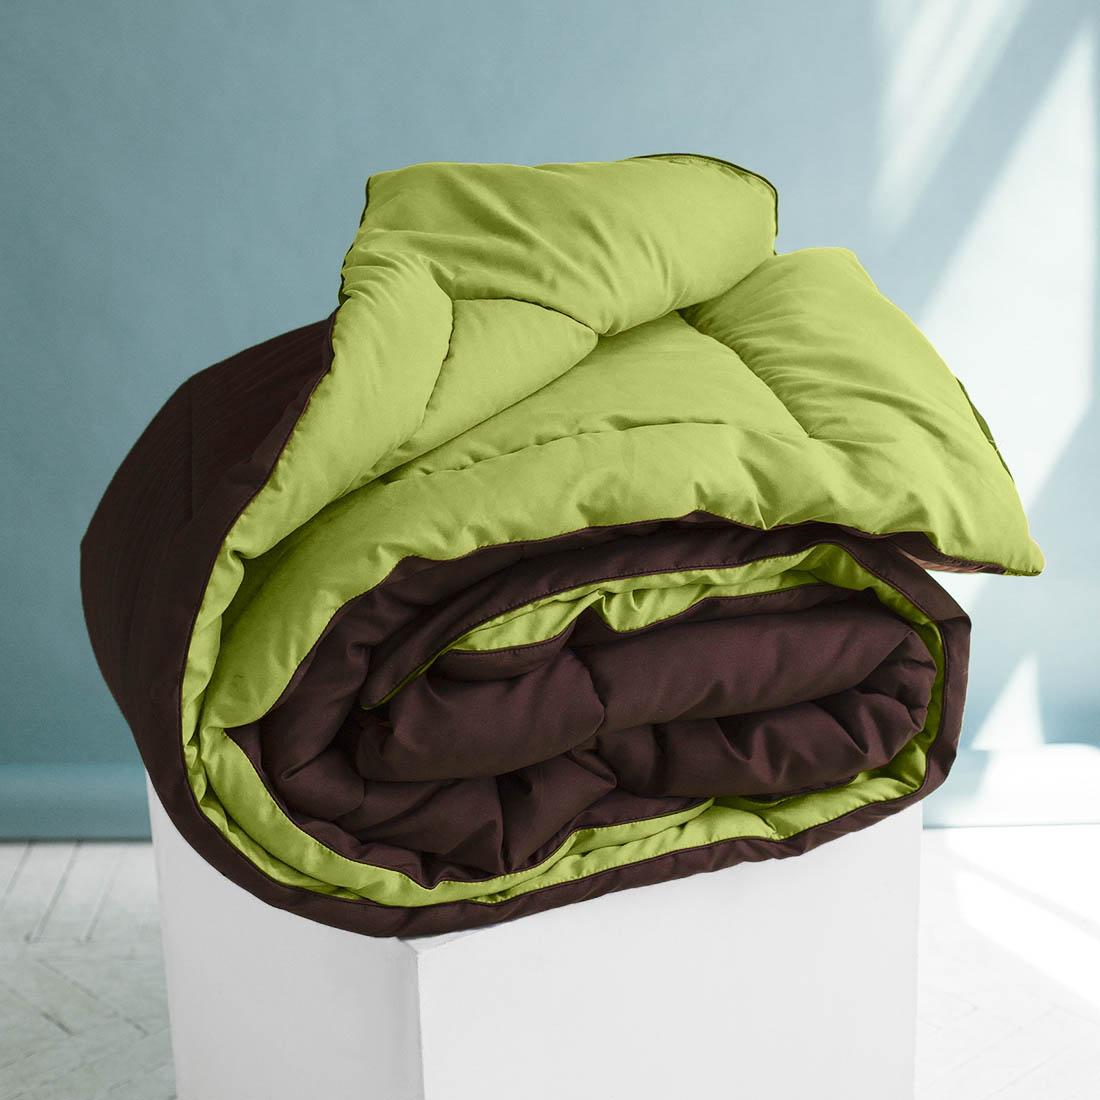 Одеяло Sleep iX, наполнитель: силиконизированное волокно, цвет: светло-зеленый, коричневый, 200 х 220 см. pva319993pva319993Одеяло «Sleep iX» изготовлено из силиконизированного волокна, полученного из тонких волокон полиэфира, обработанных силиконом. Наполнитель отлично держит форму, не сбиваясь в комки. На ощупь он похож на пух, поэтому производители часто называют его искусственным пухом. Такое одеяло подойдёт людям, страдающим аллергией, так как не впитывает запахи и отталкивает пыль. Кроме того, особая технология производства позволяет не использовать пододеяльник.Материал чехла MicroSkin - это гладкая и шелковистая ткань с легким блеском, по своему виду не уступающая натуральному хлопку. Кант делают из атласа или вискозы, он помогает изделию держать форму в течение многих лет. Кант есть на многих объемных изделиях из текстиля, иногда его могут дополнительно прострочить по периметру или сделать широким.Такое одеяло очень хорошо сохраняет тепло, приятно на ощупь, прочно и устойчиво к стирке.